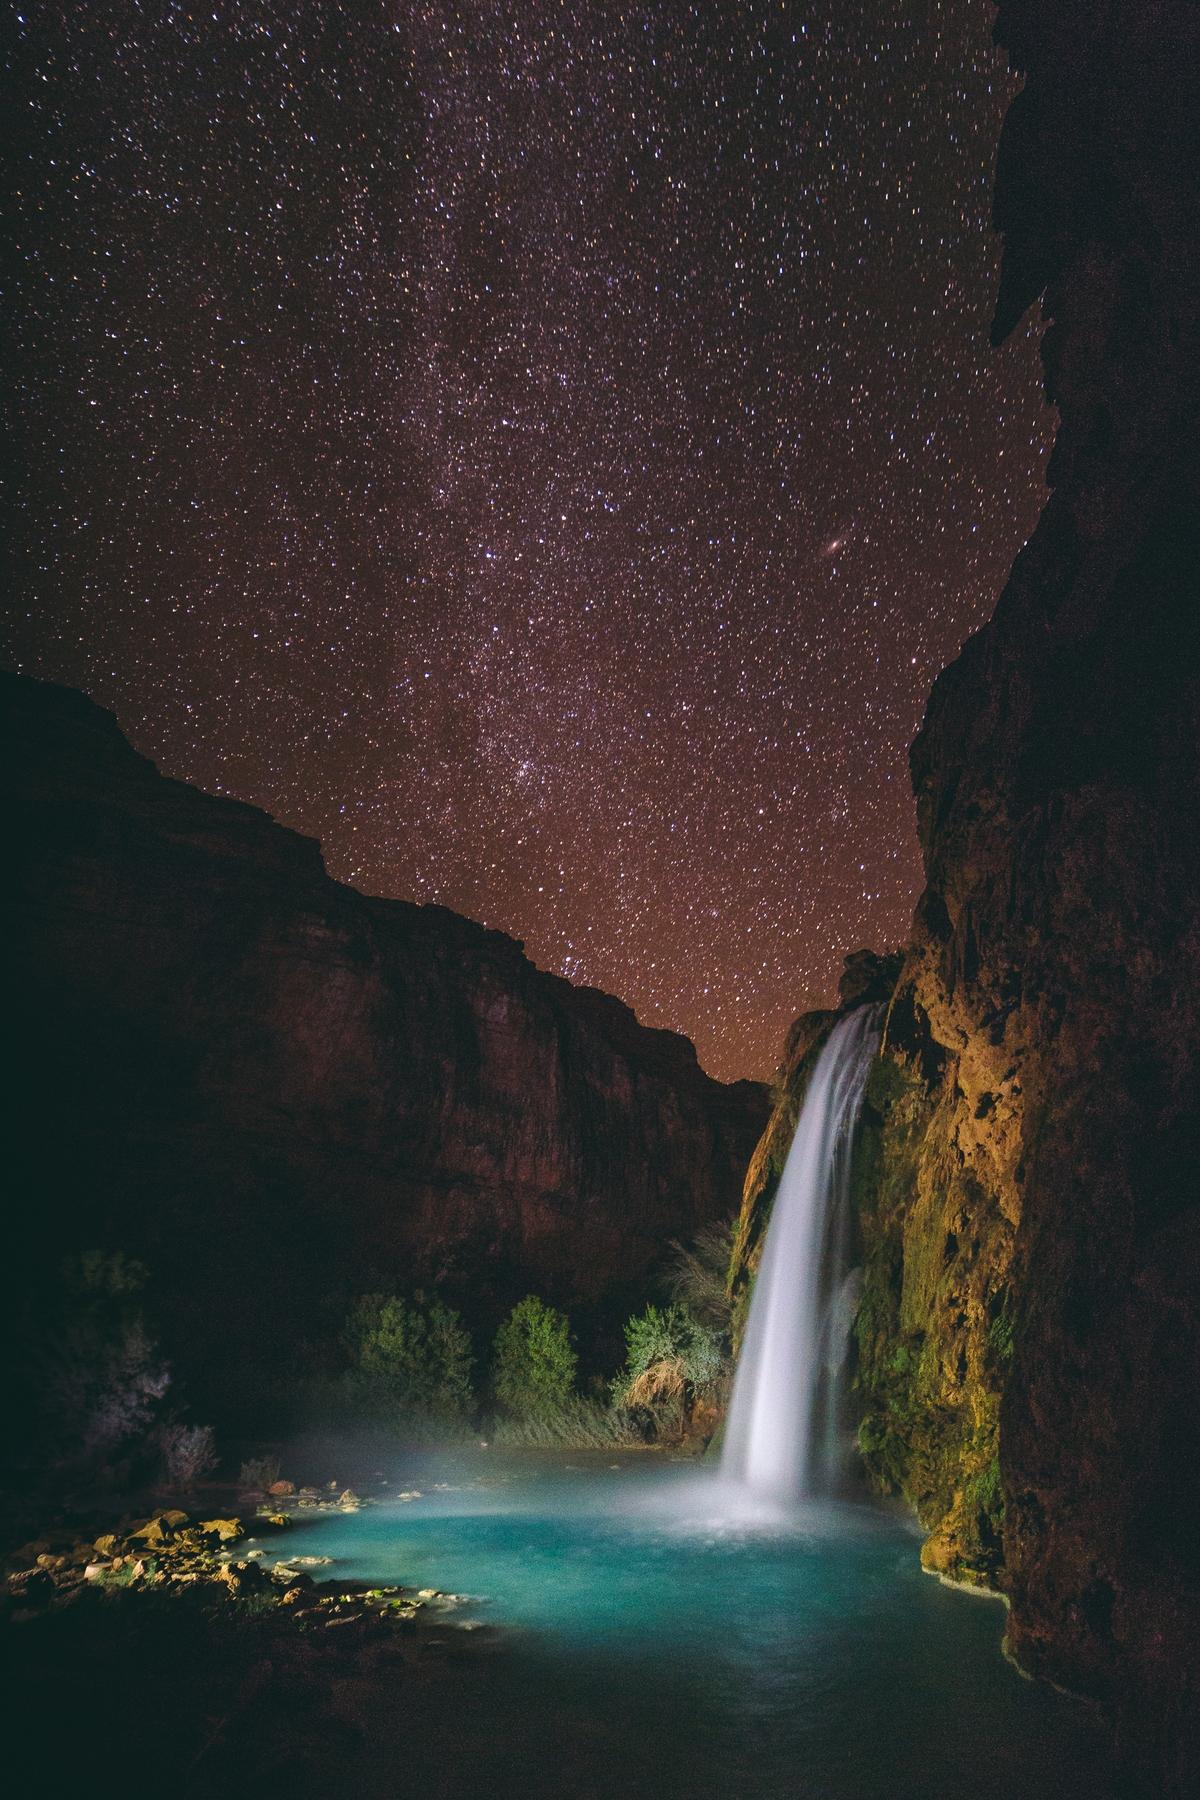 Водопад Хавасу, Аризона, США. Рейтинг красивейших водопадов мира